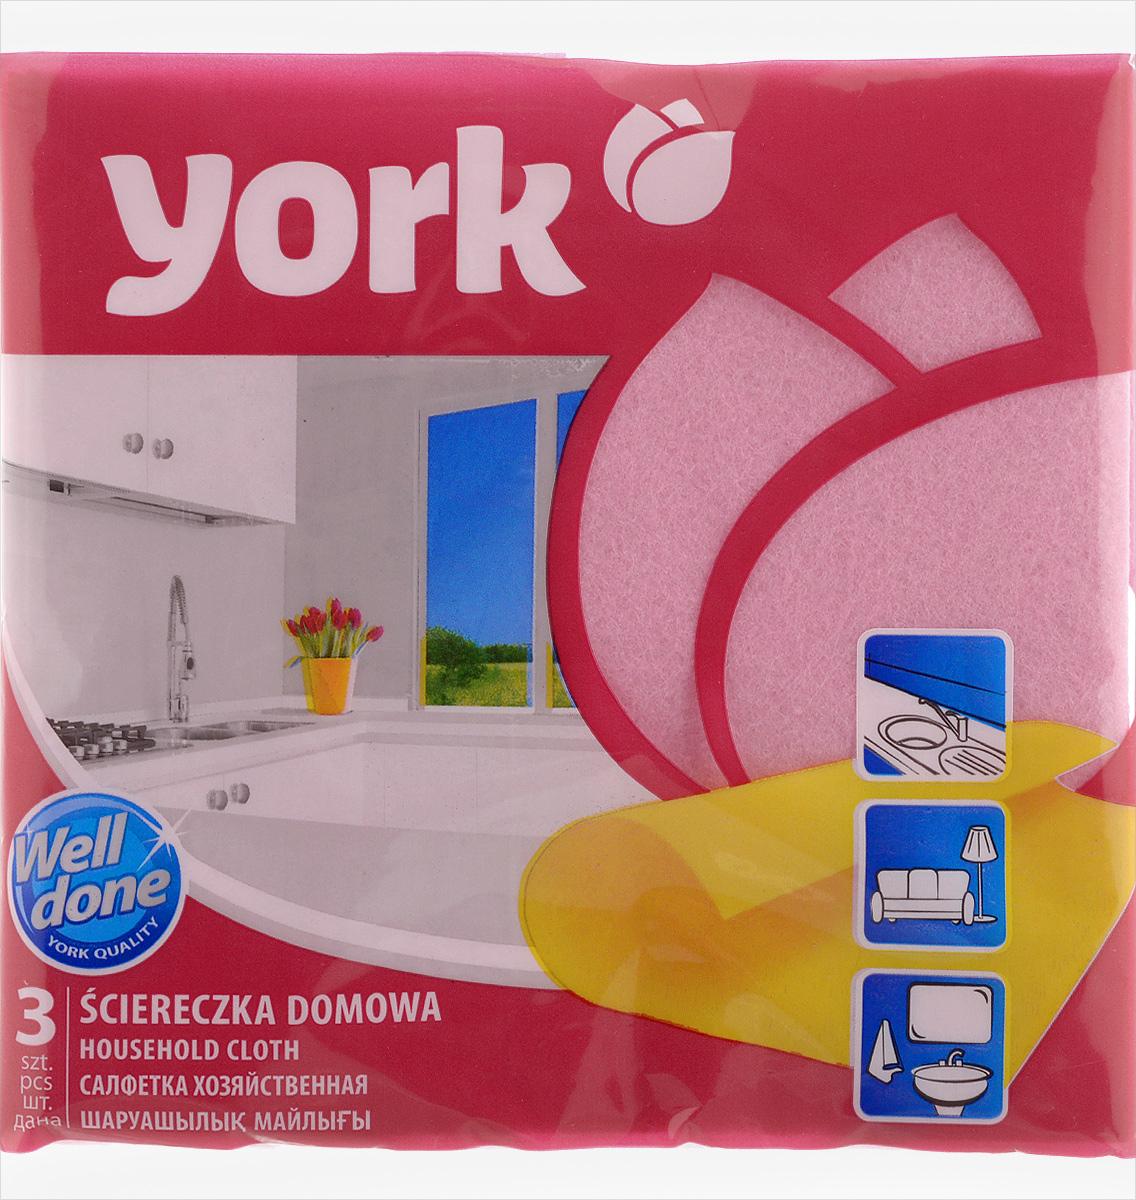 Салфетка хозяйственная York, цвет: розовый, 35 х 35 см, 3 шт5903355000051, 020010Универсальная салфетка York предназначена для мытья, протирания и полировки. Она выполнена из вискозы с добавлением полипропиленового волокна, отличается высокой прочностью. Хорошо поглощает влагу, эффективно очищает поверхности и не оставляет ворсинок. Идеальна для ухода за столешницами и раковиной на кухне, за стеклом и зеркалами, деревянной мебелью. Может использоваться в сухом и влажном виде.